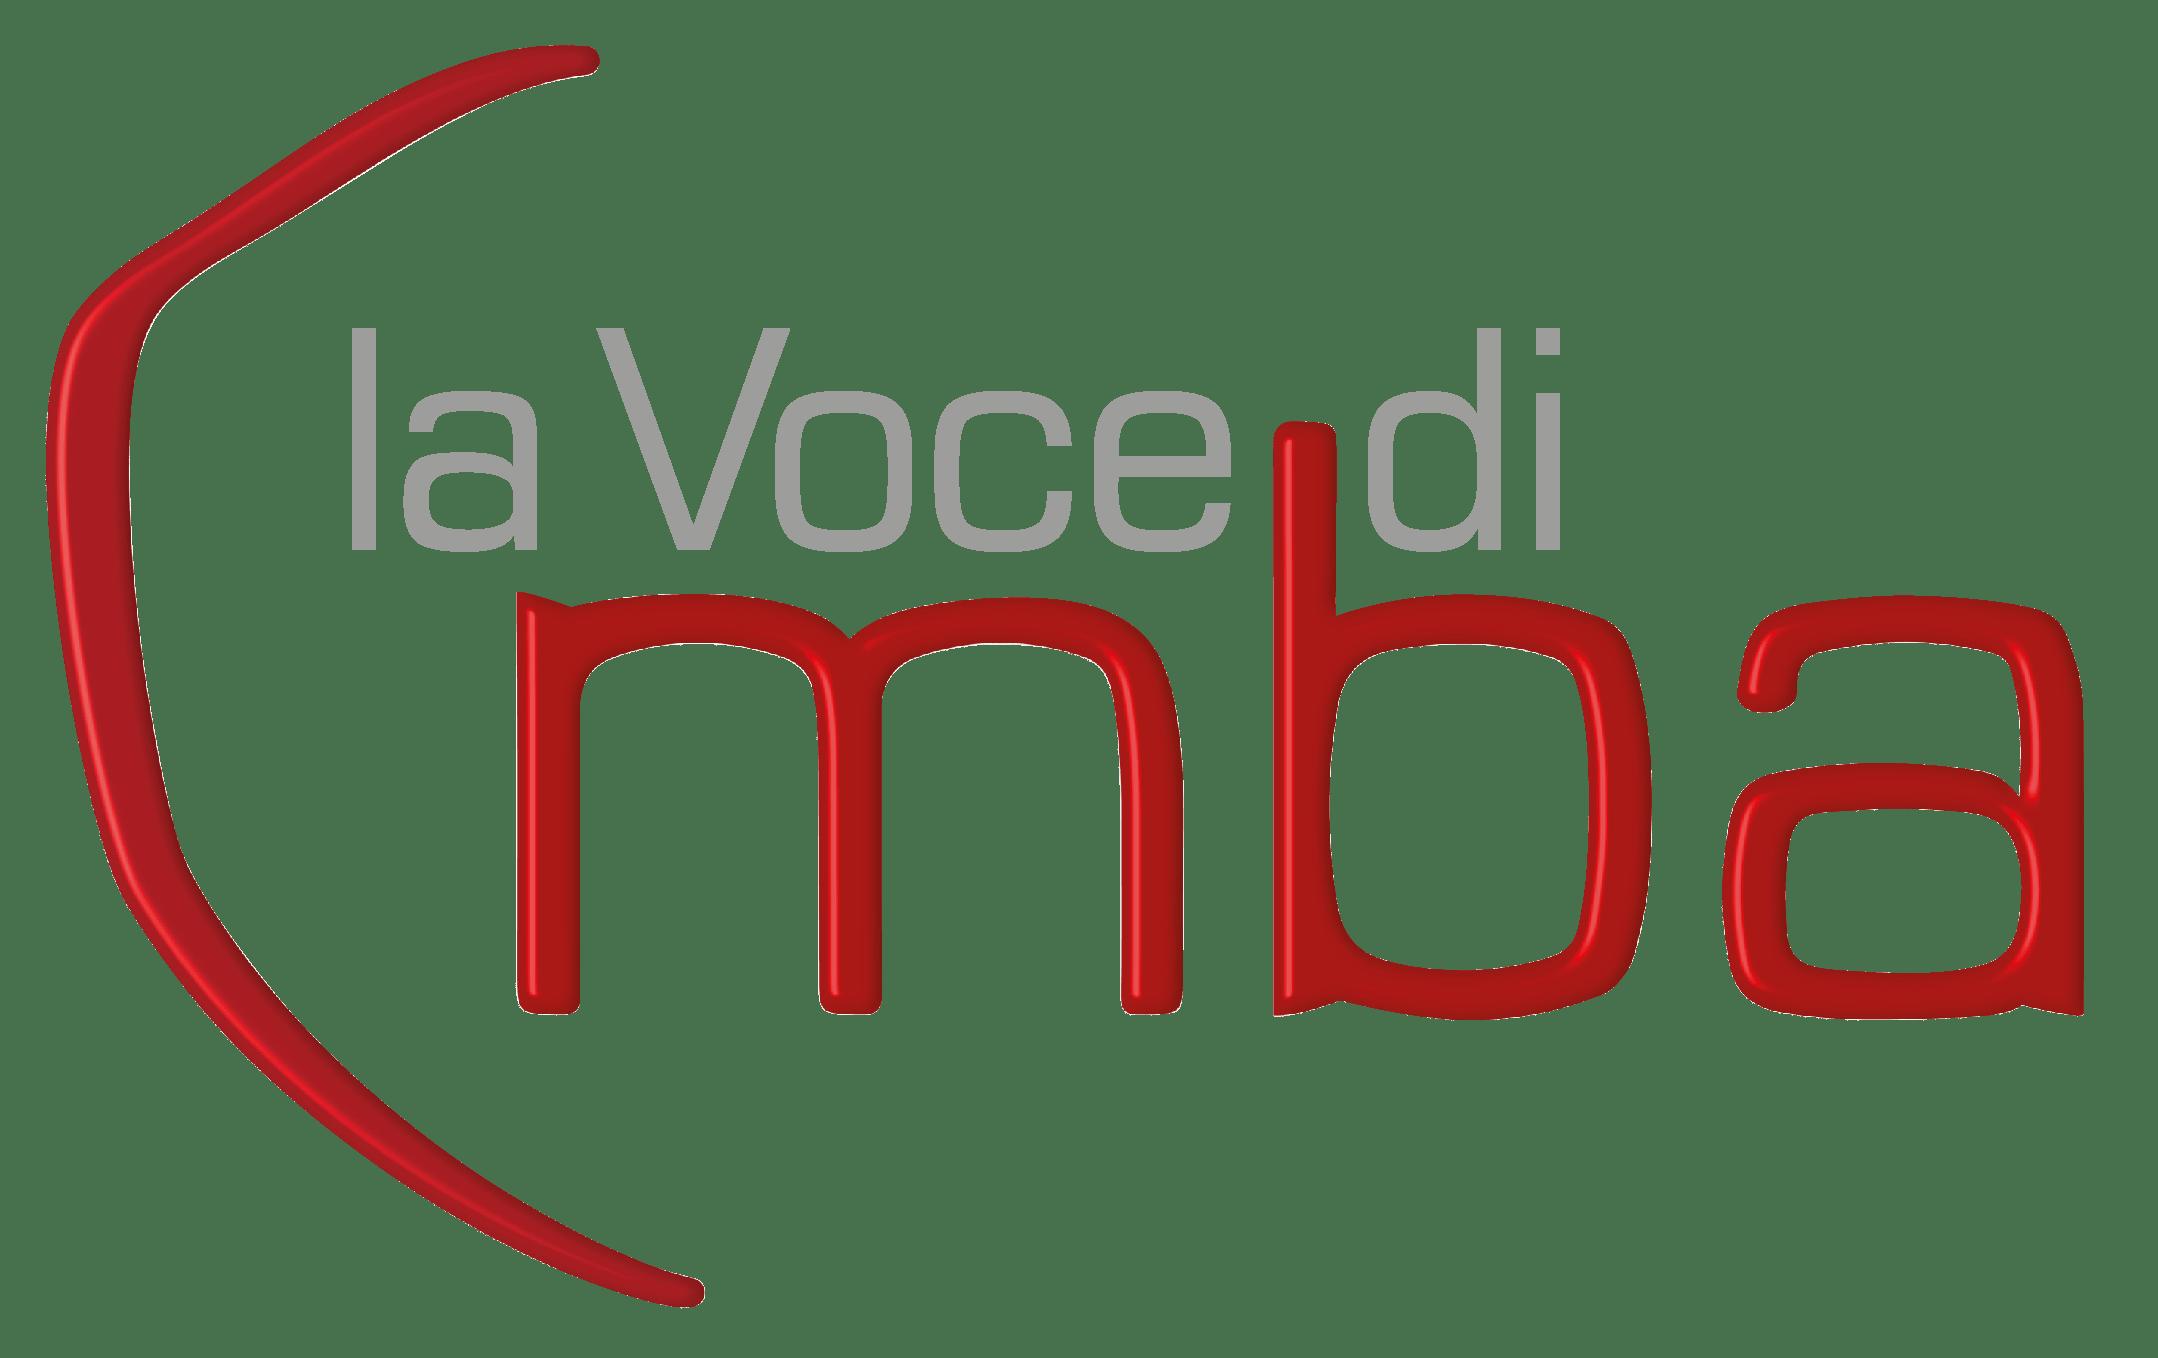 La Voce di MBA